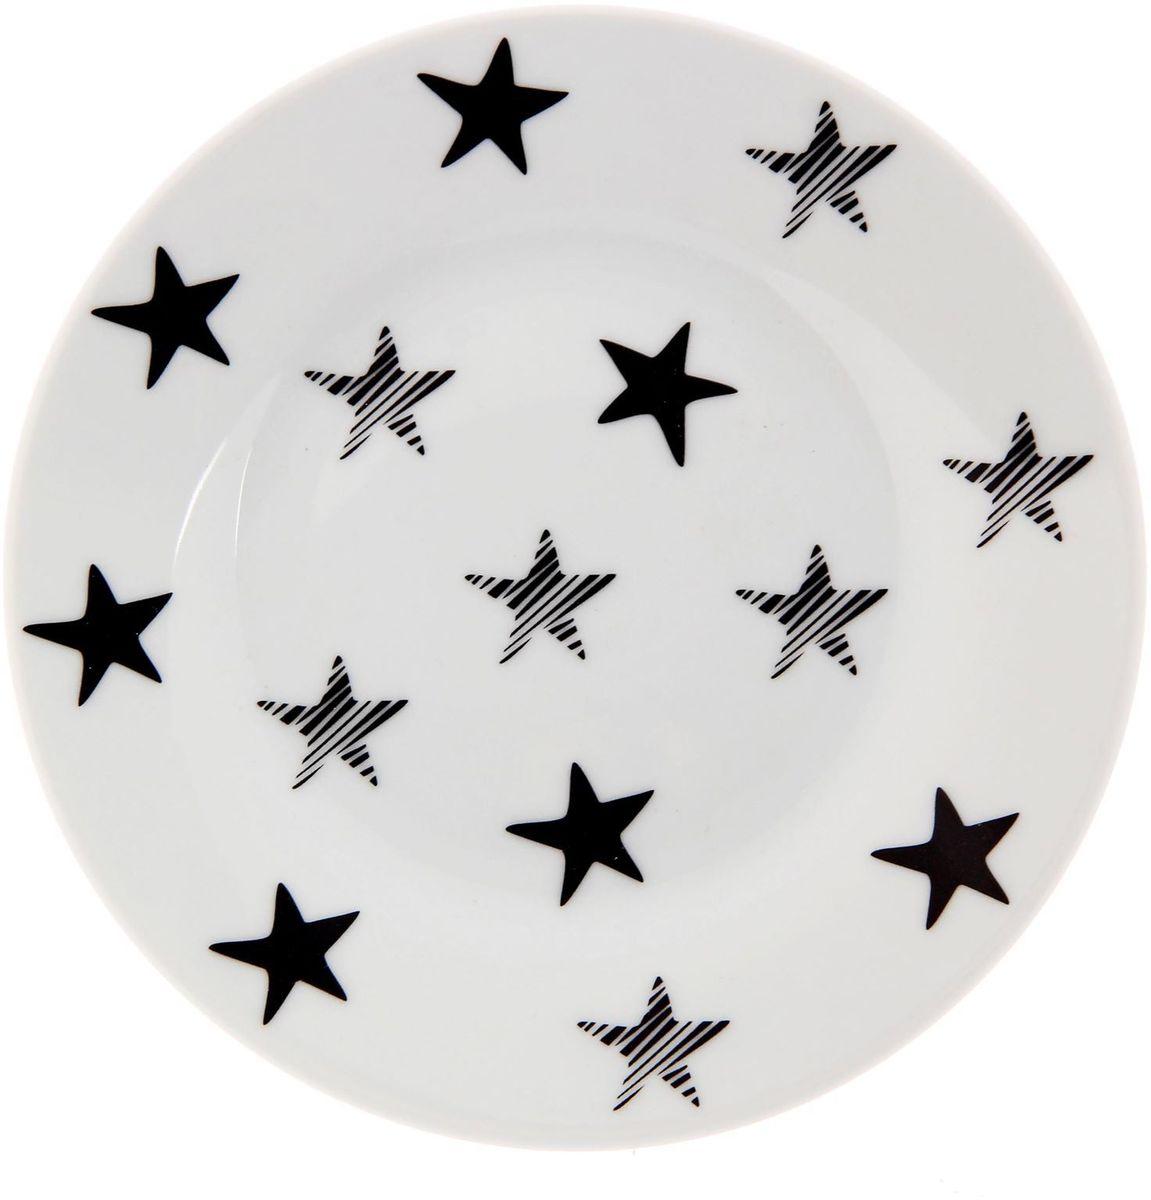 Тарелка мелкая Сотвори чудо My Little Star, диаметр 15,5 см54 009312Хотите обновить интерьер кухни или гостиной? Устраиваете необычную фотосессию или тематический праздник? А может, просто ищете подарок для близкого человека? Посуда Сотвори Чудо — правильный выбор в любой ситуации. Тарелка Сотвори Чудо, изготовленная из изящного фаянса нежного сливочного цвета, оформлена оригинальным рисунком со стойкой краской. Пригодна для посудомоечной машины.